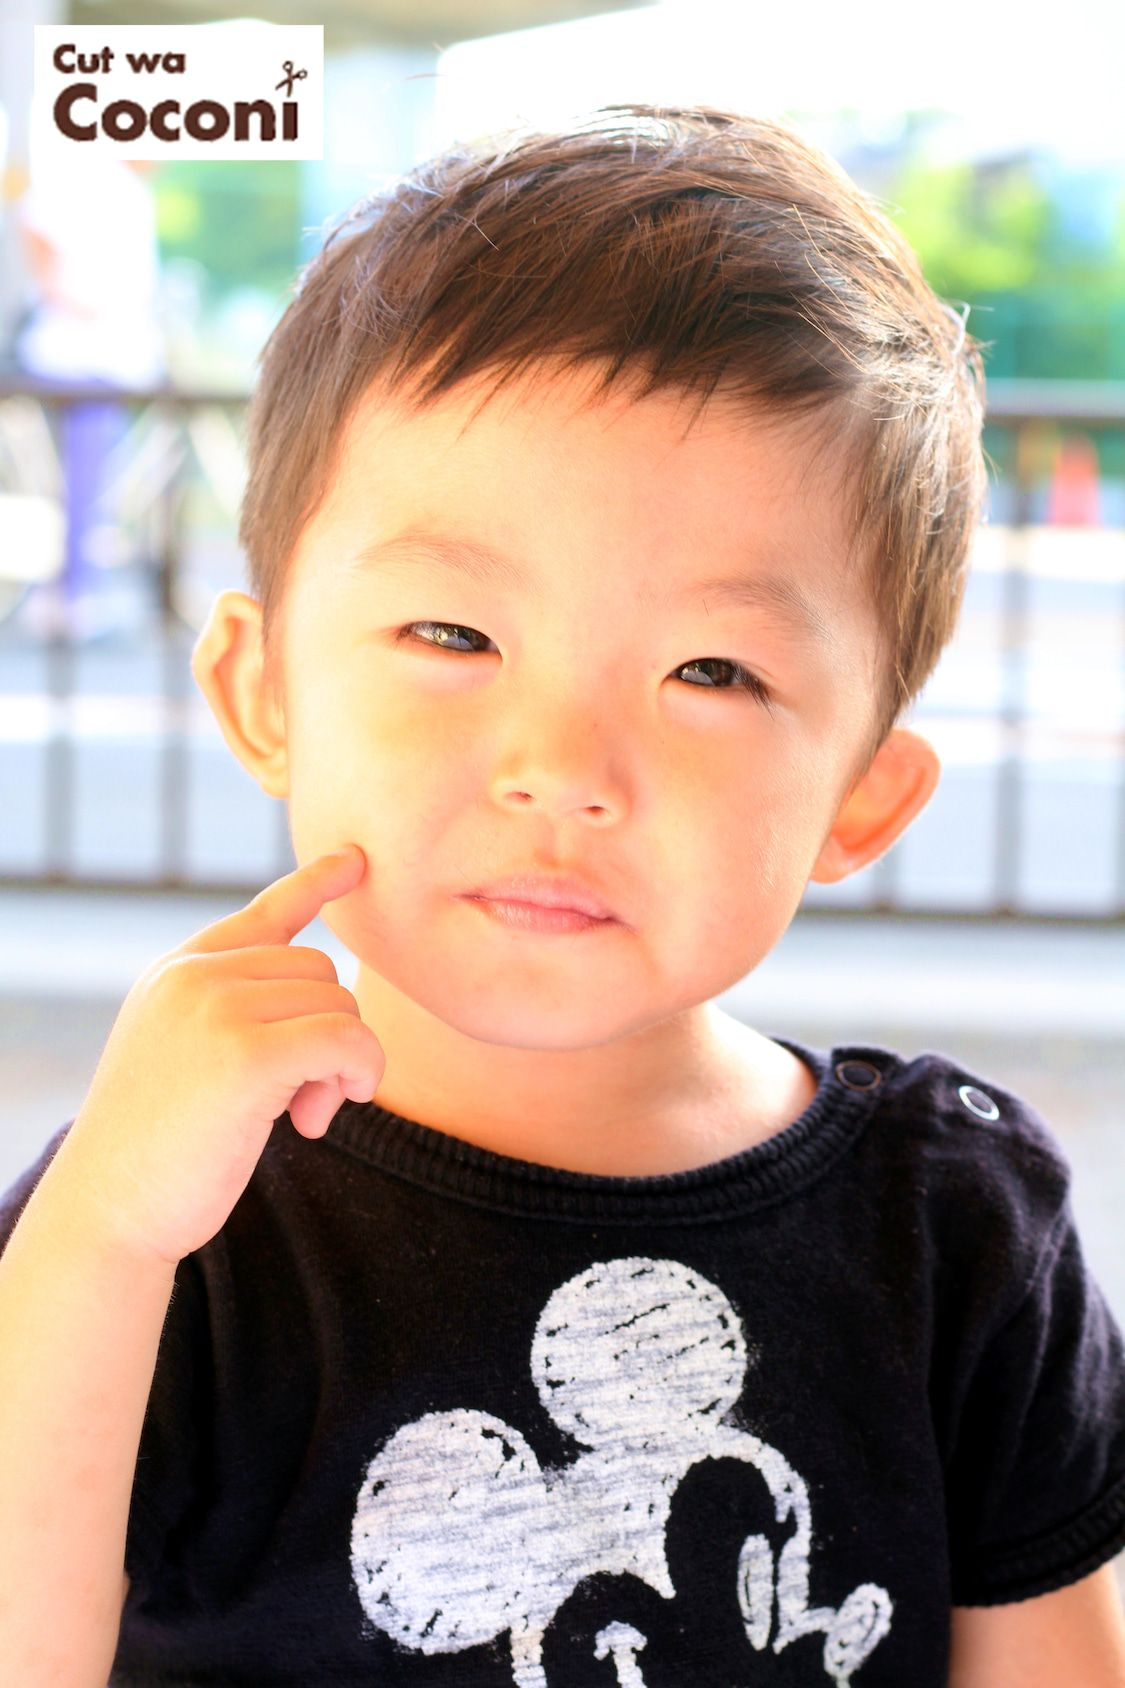 かわいいお子様カット めっちゃかわいい男の子 男の子のヘアスタイル 2歳 男の子 髪型 キッズカット 男の子